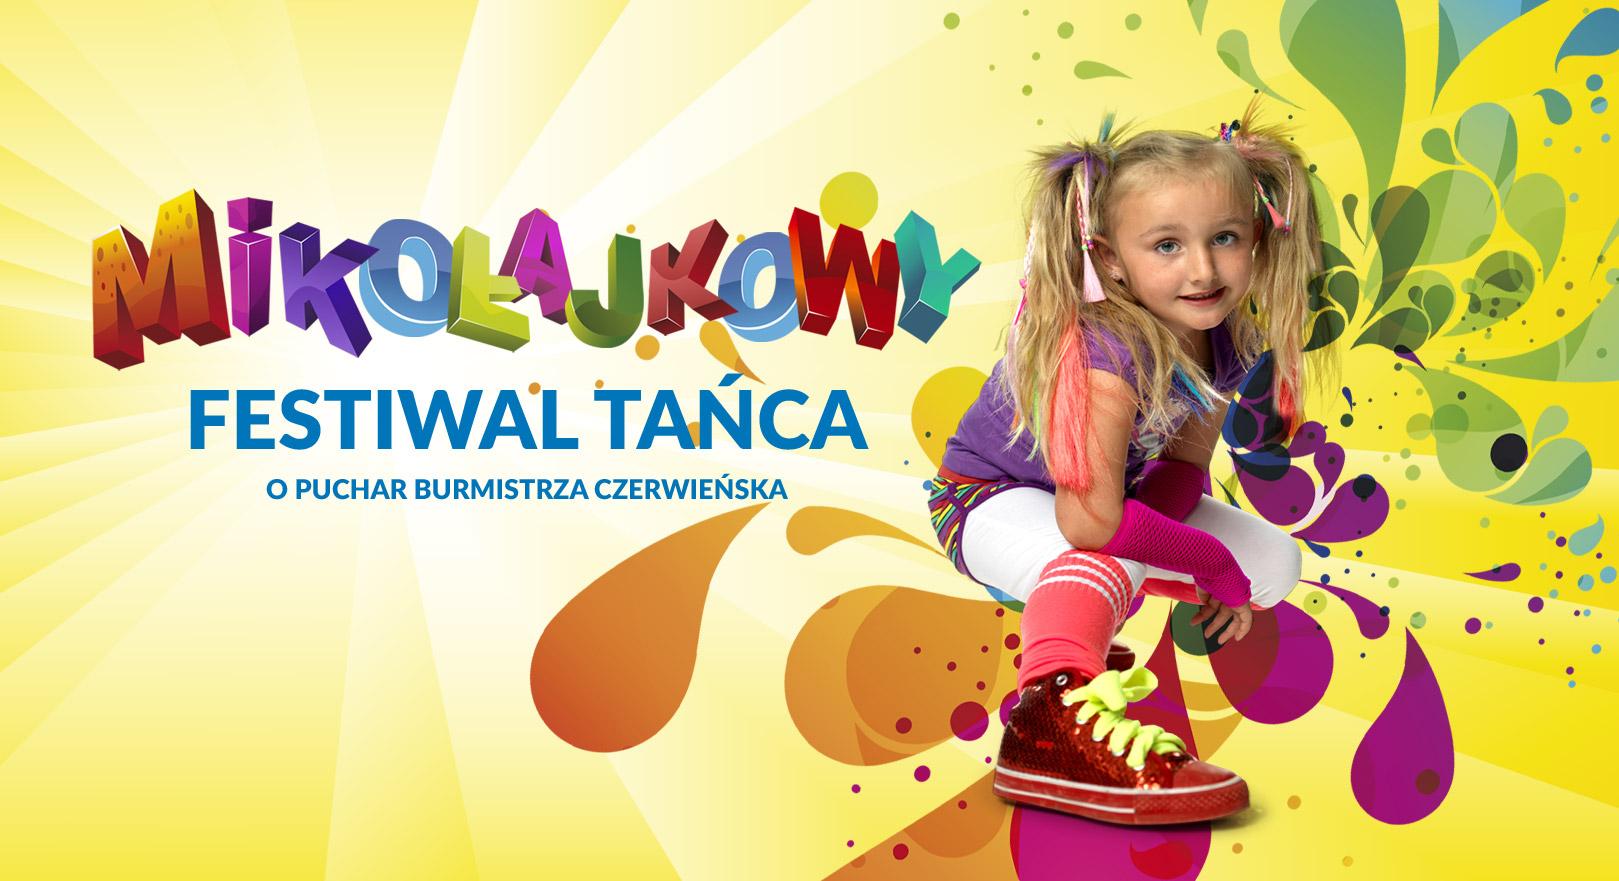 5 grudnia Mikołajkowy Festiwal Tańca o Puchar Burmistrza Czerwieńska